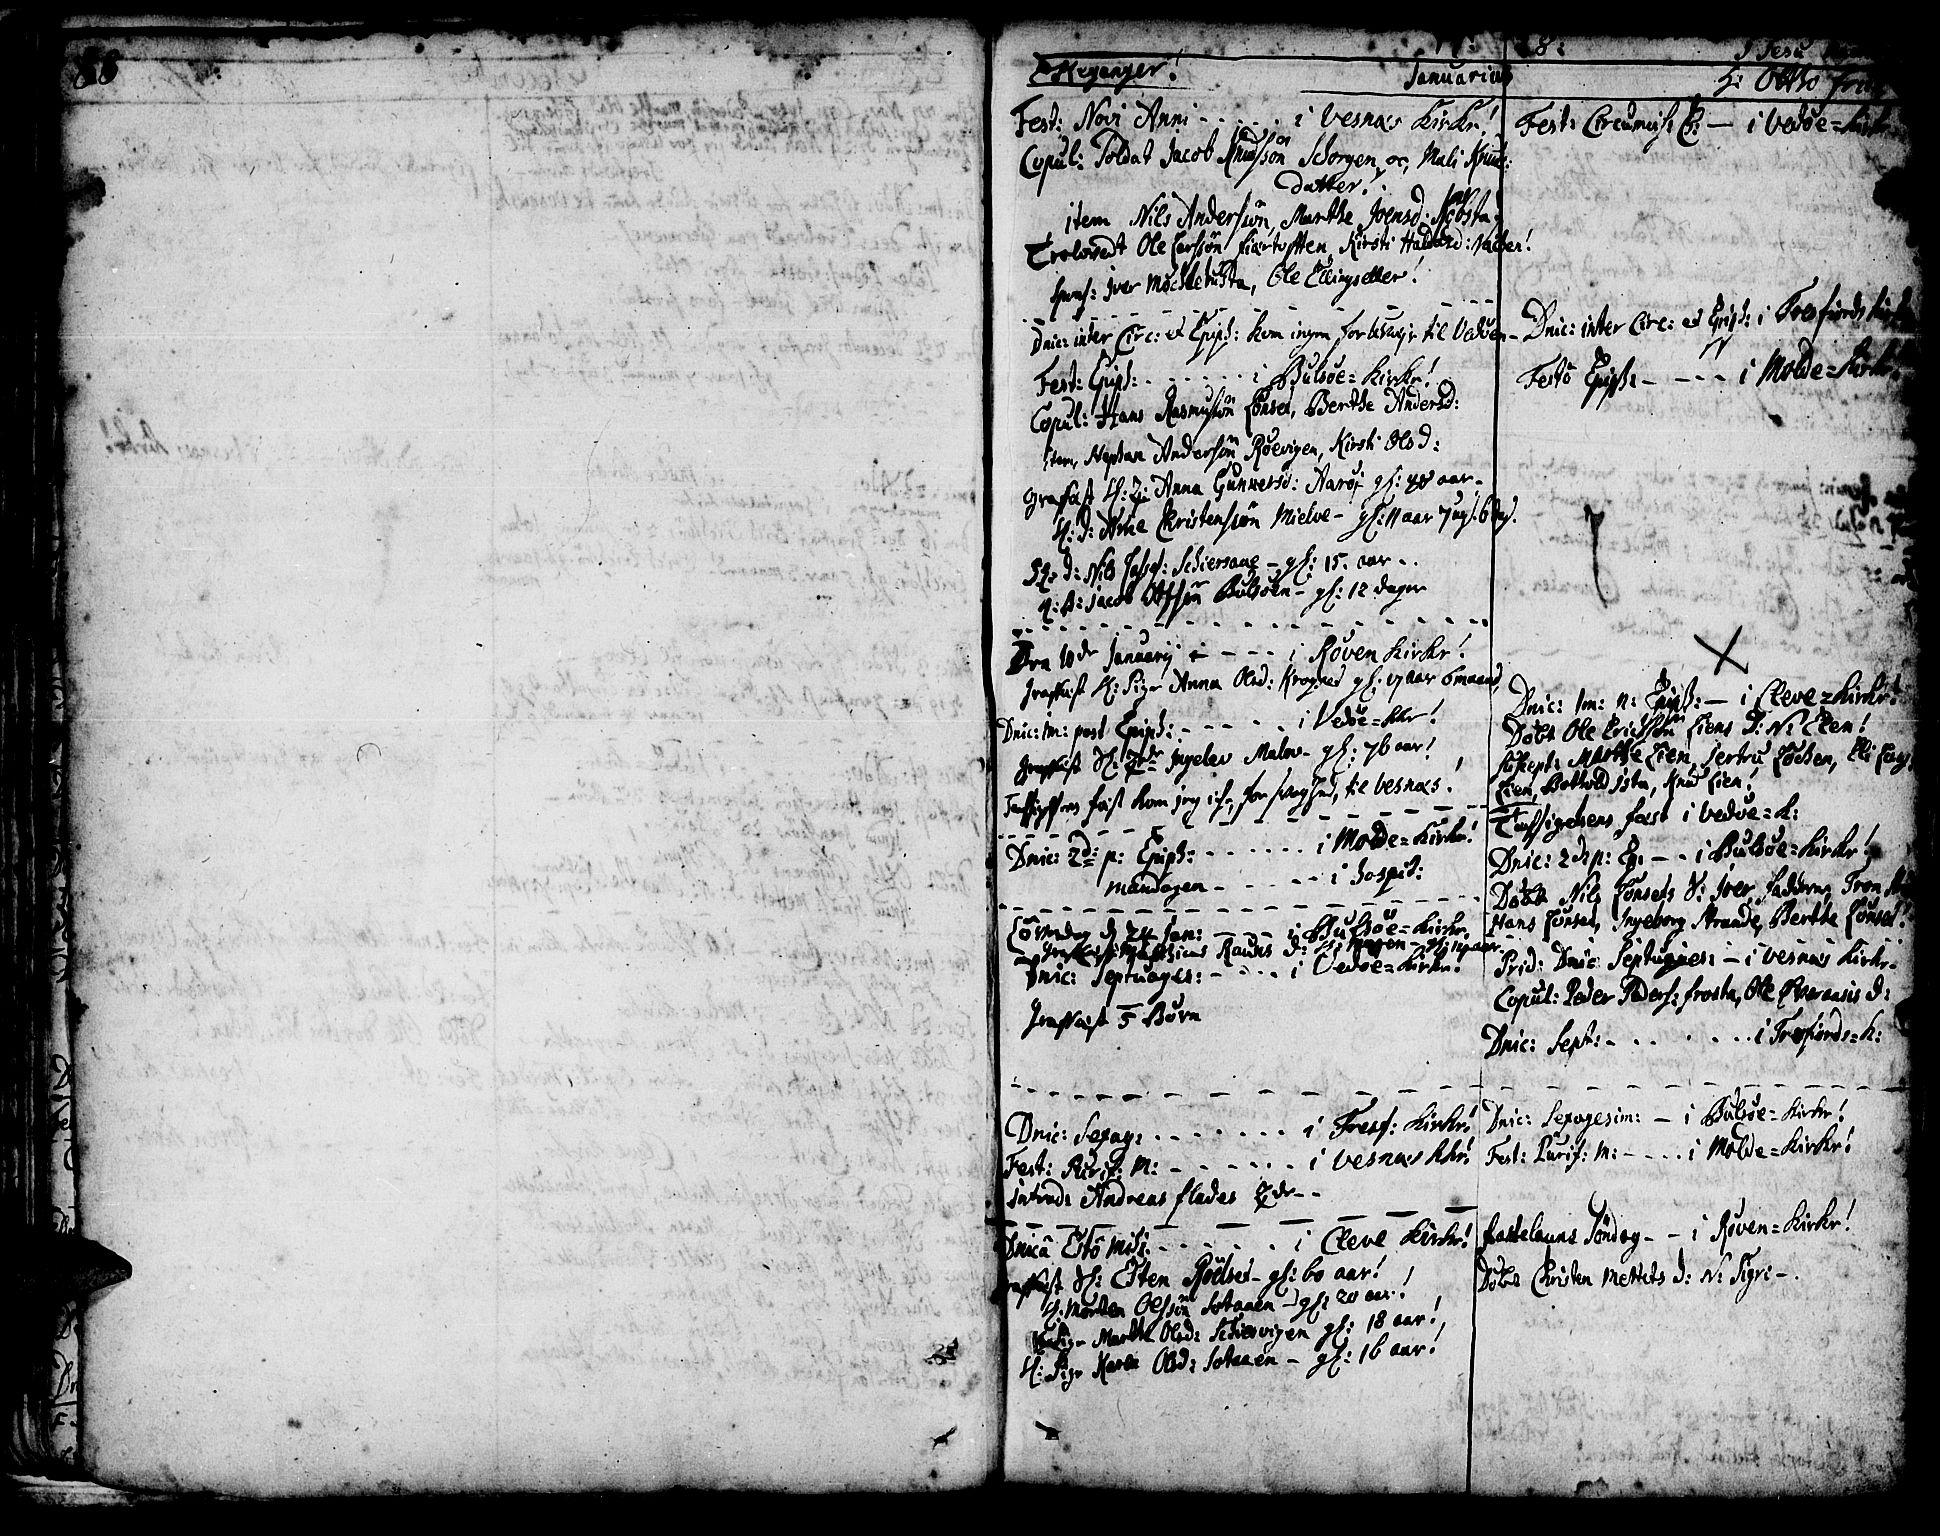 SAT, Ministerialprotokoller, klokkerbøker og fødselsregistre - Møre og Romsdal, 547/L0599: Ministerialbok nr. 547A01, 1721-1764, s. 90-91